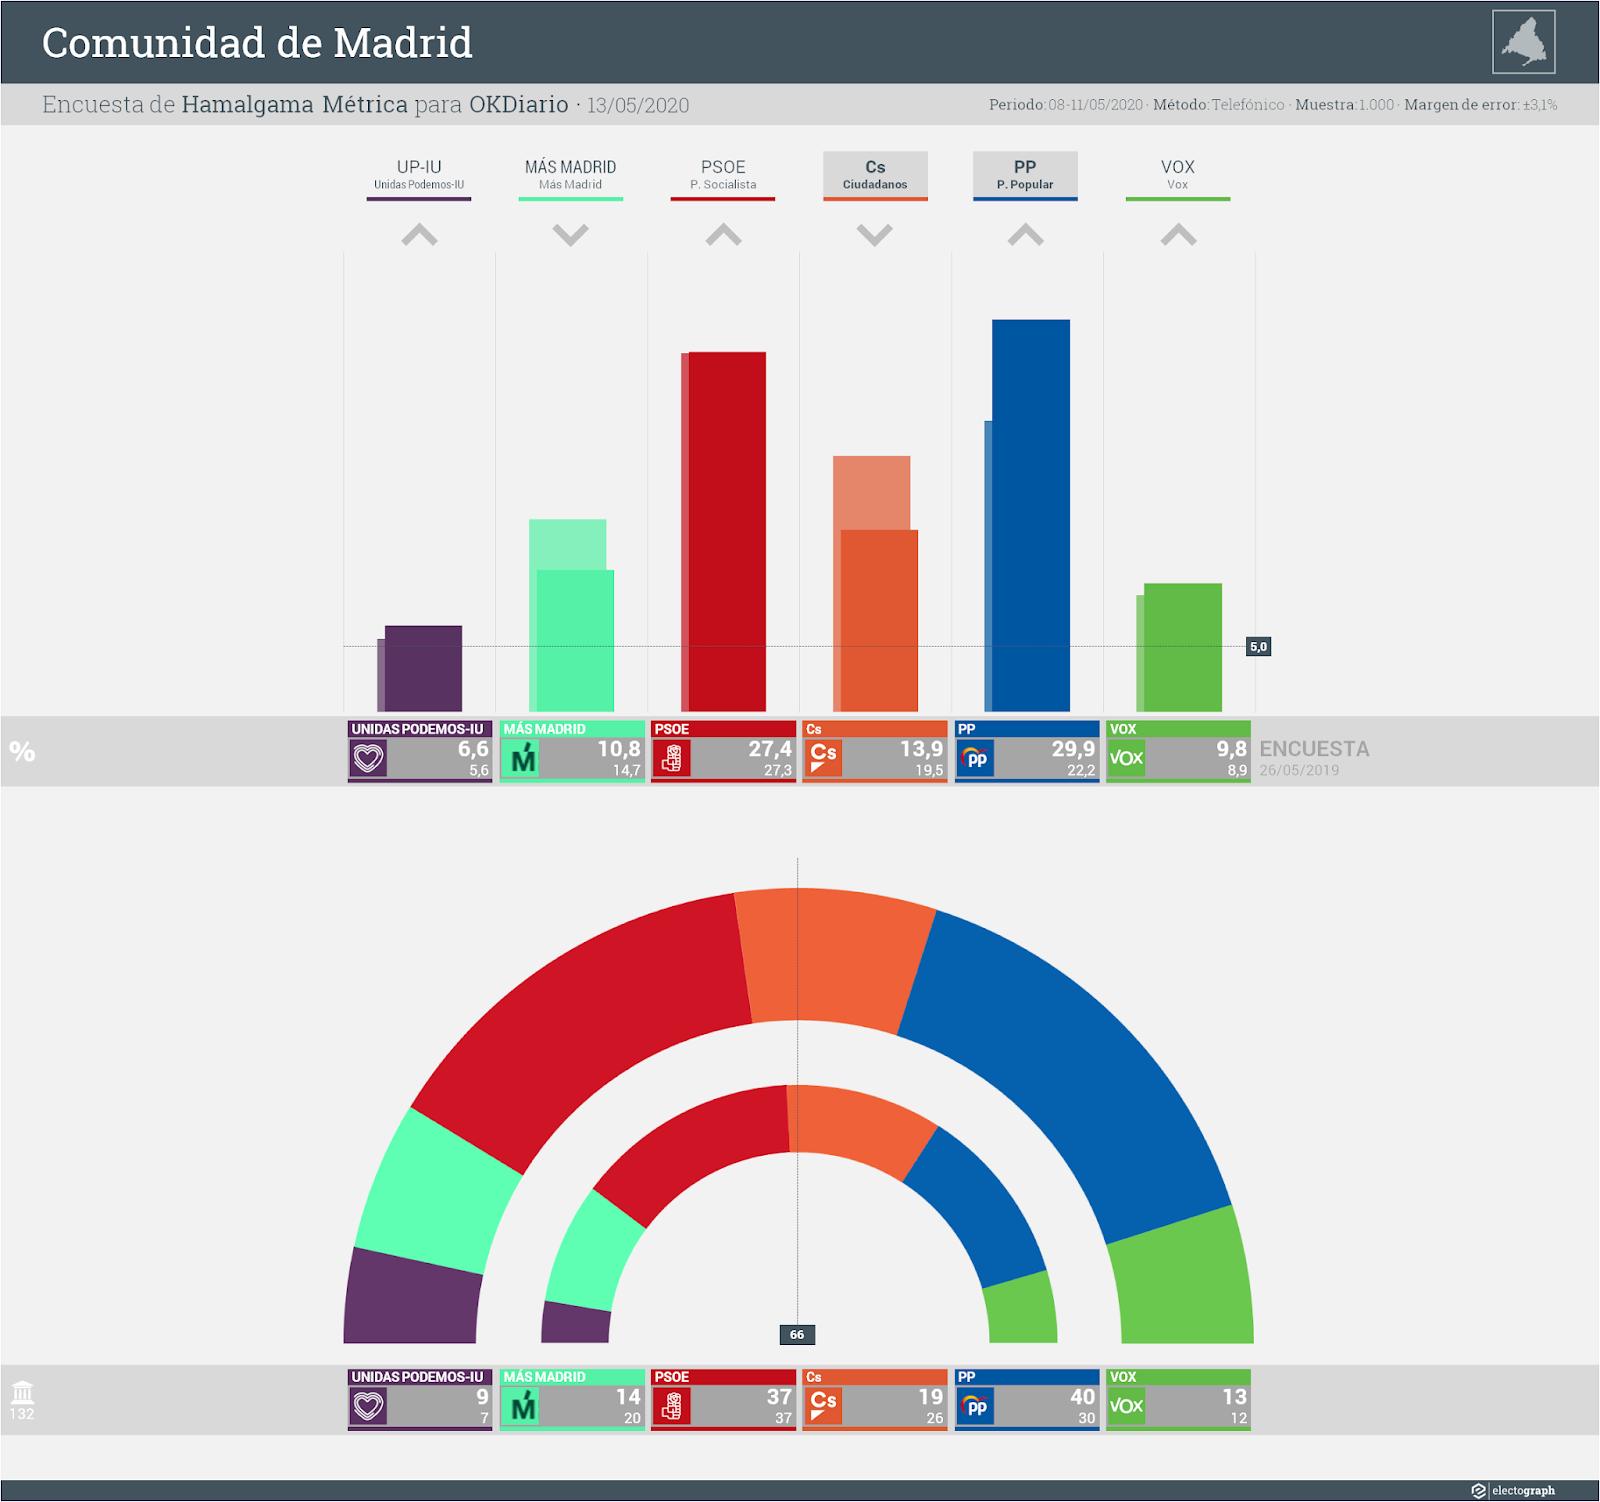 Gráfico de la encuesta para elecciones autonómicas en la Comunidad de Madrid realizada por Hamalgama Métrica para OKDiario, 13 de mayo de 2020